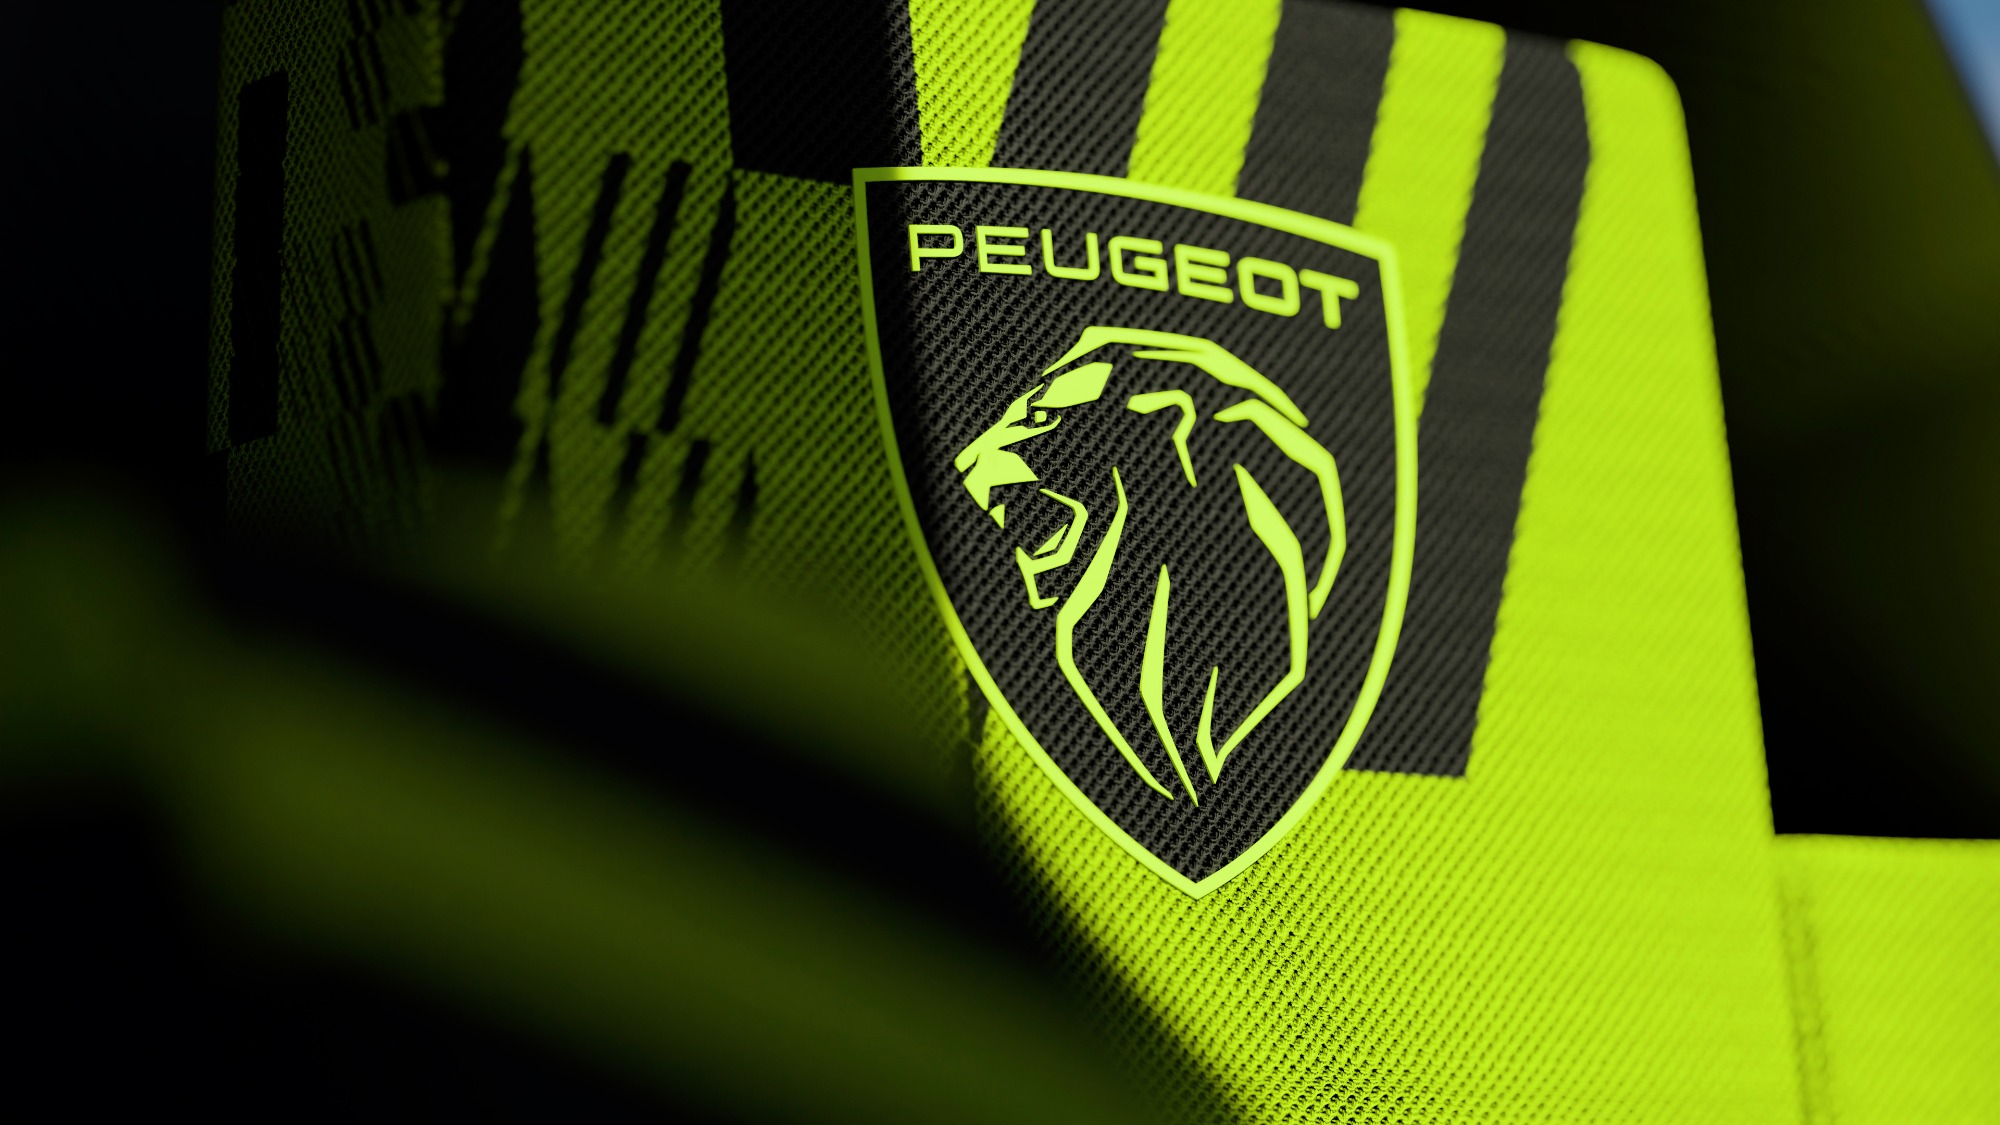 Detalhe do logotipo do Peugeot 9X8 cinza e verde